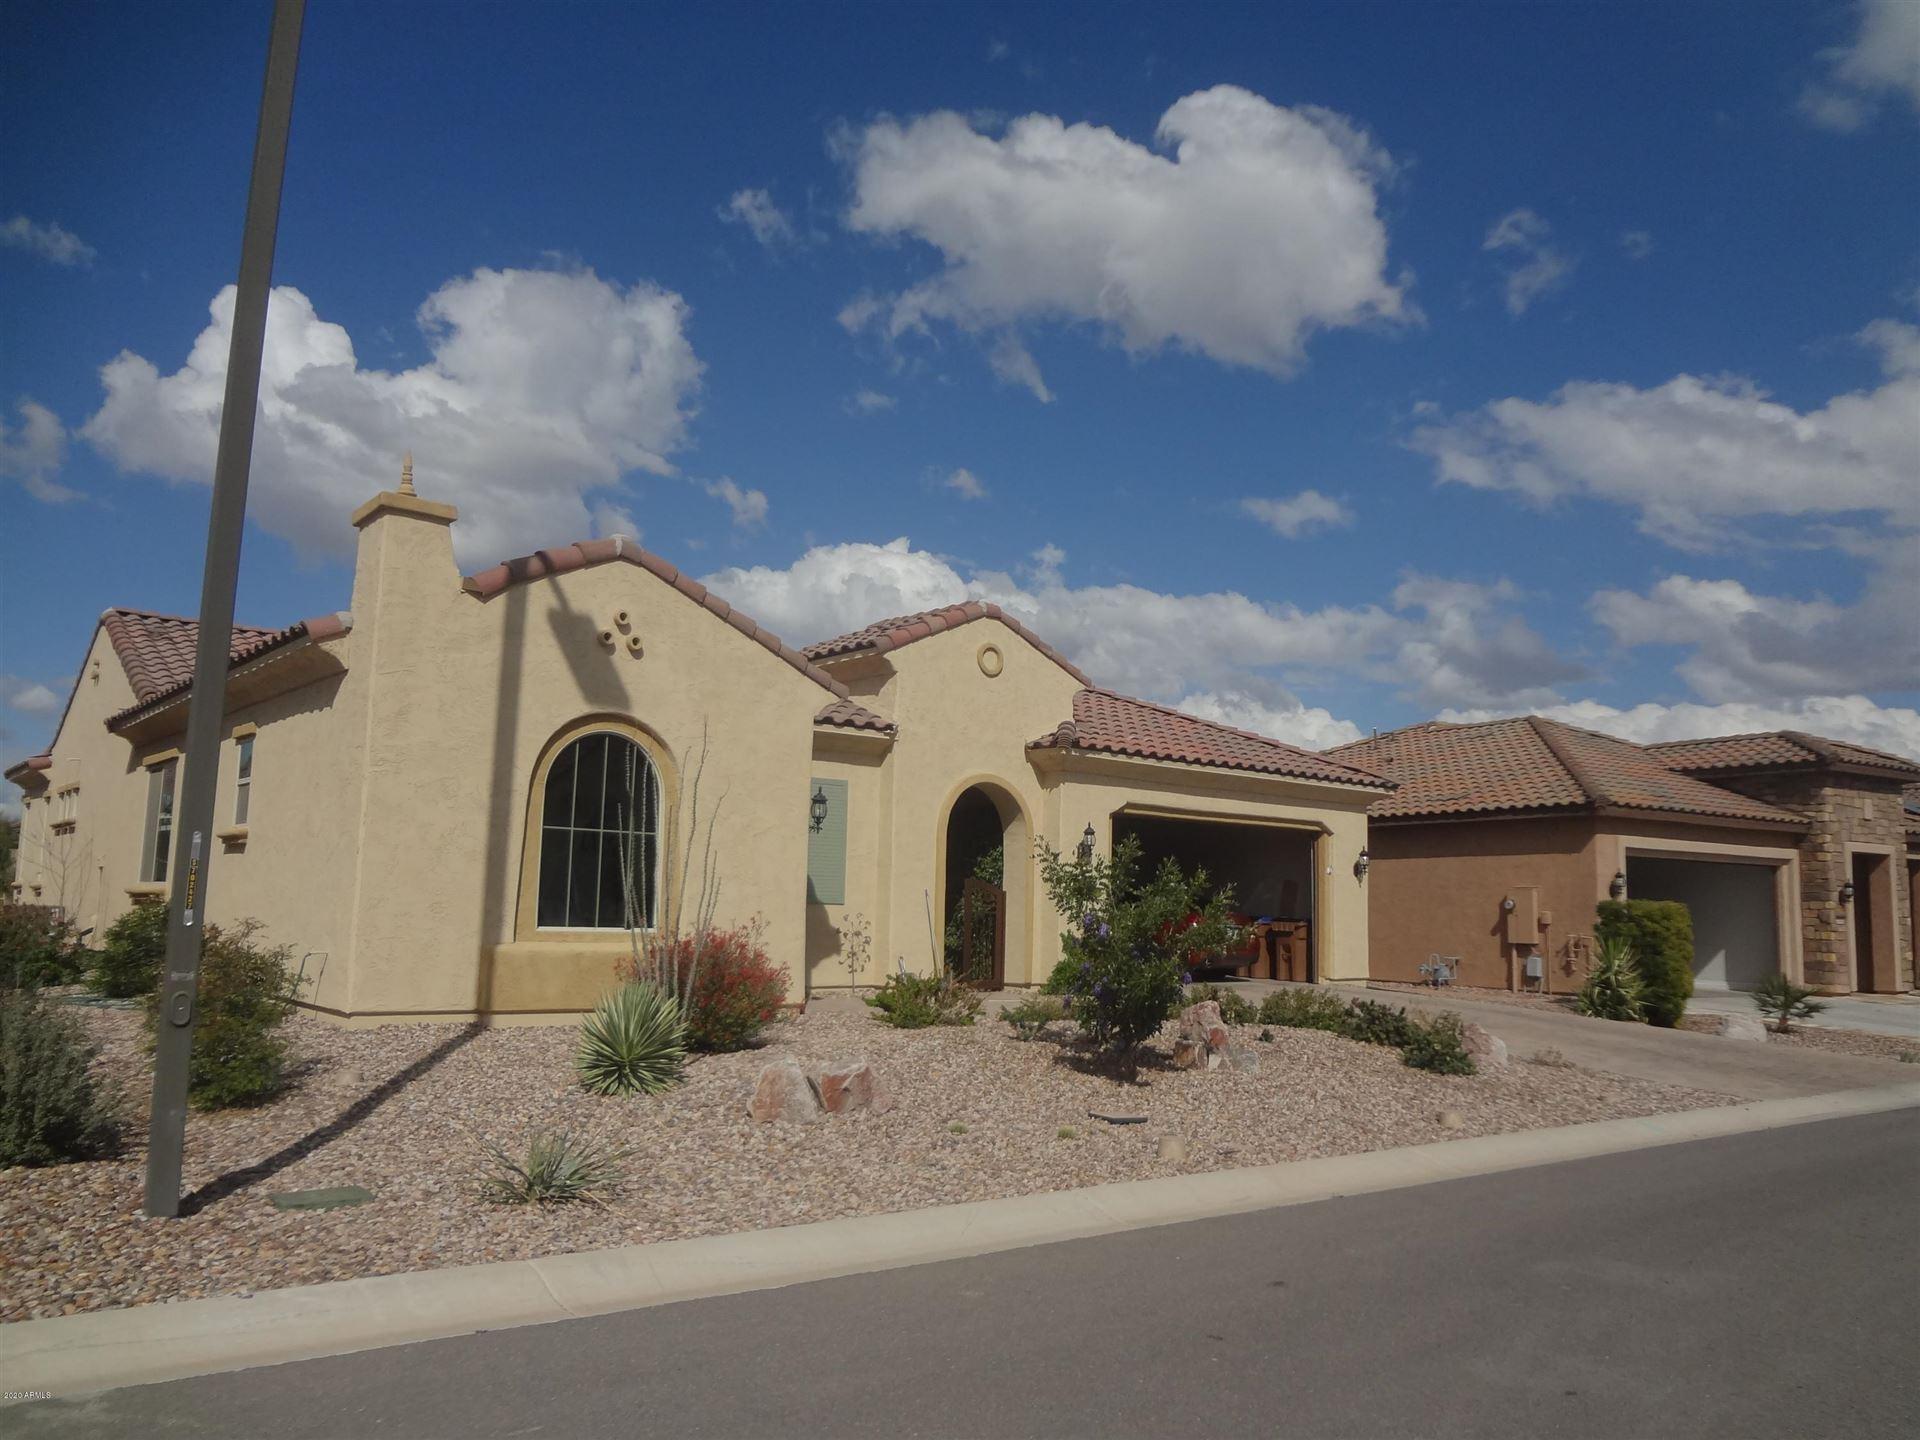 7806 W CINDER BROOK Way, Florence, AZ 85132 - MLS#: 6045745